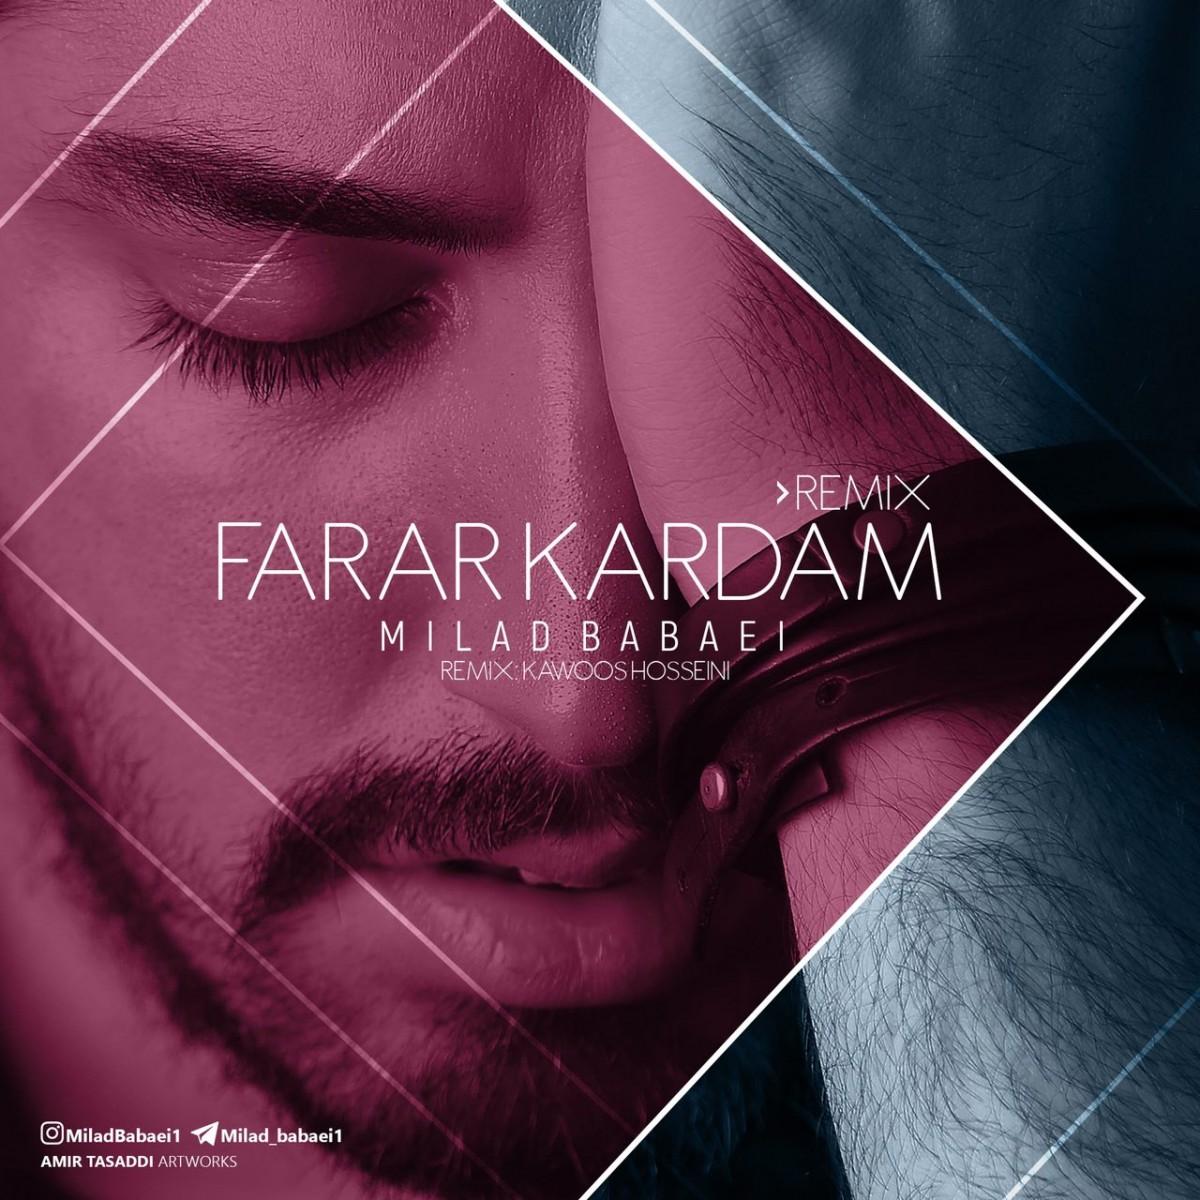 نامبر وان موزیک | دانلود آهنگ جدید Milad-Babaei-Farar-Kardam-Remix